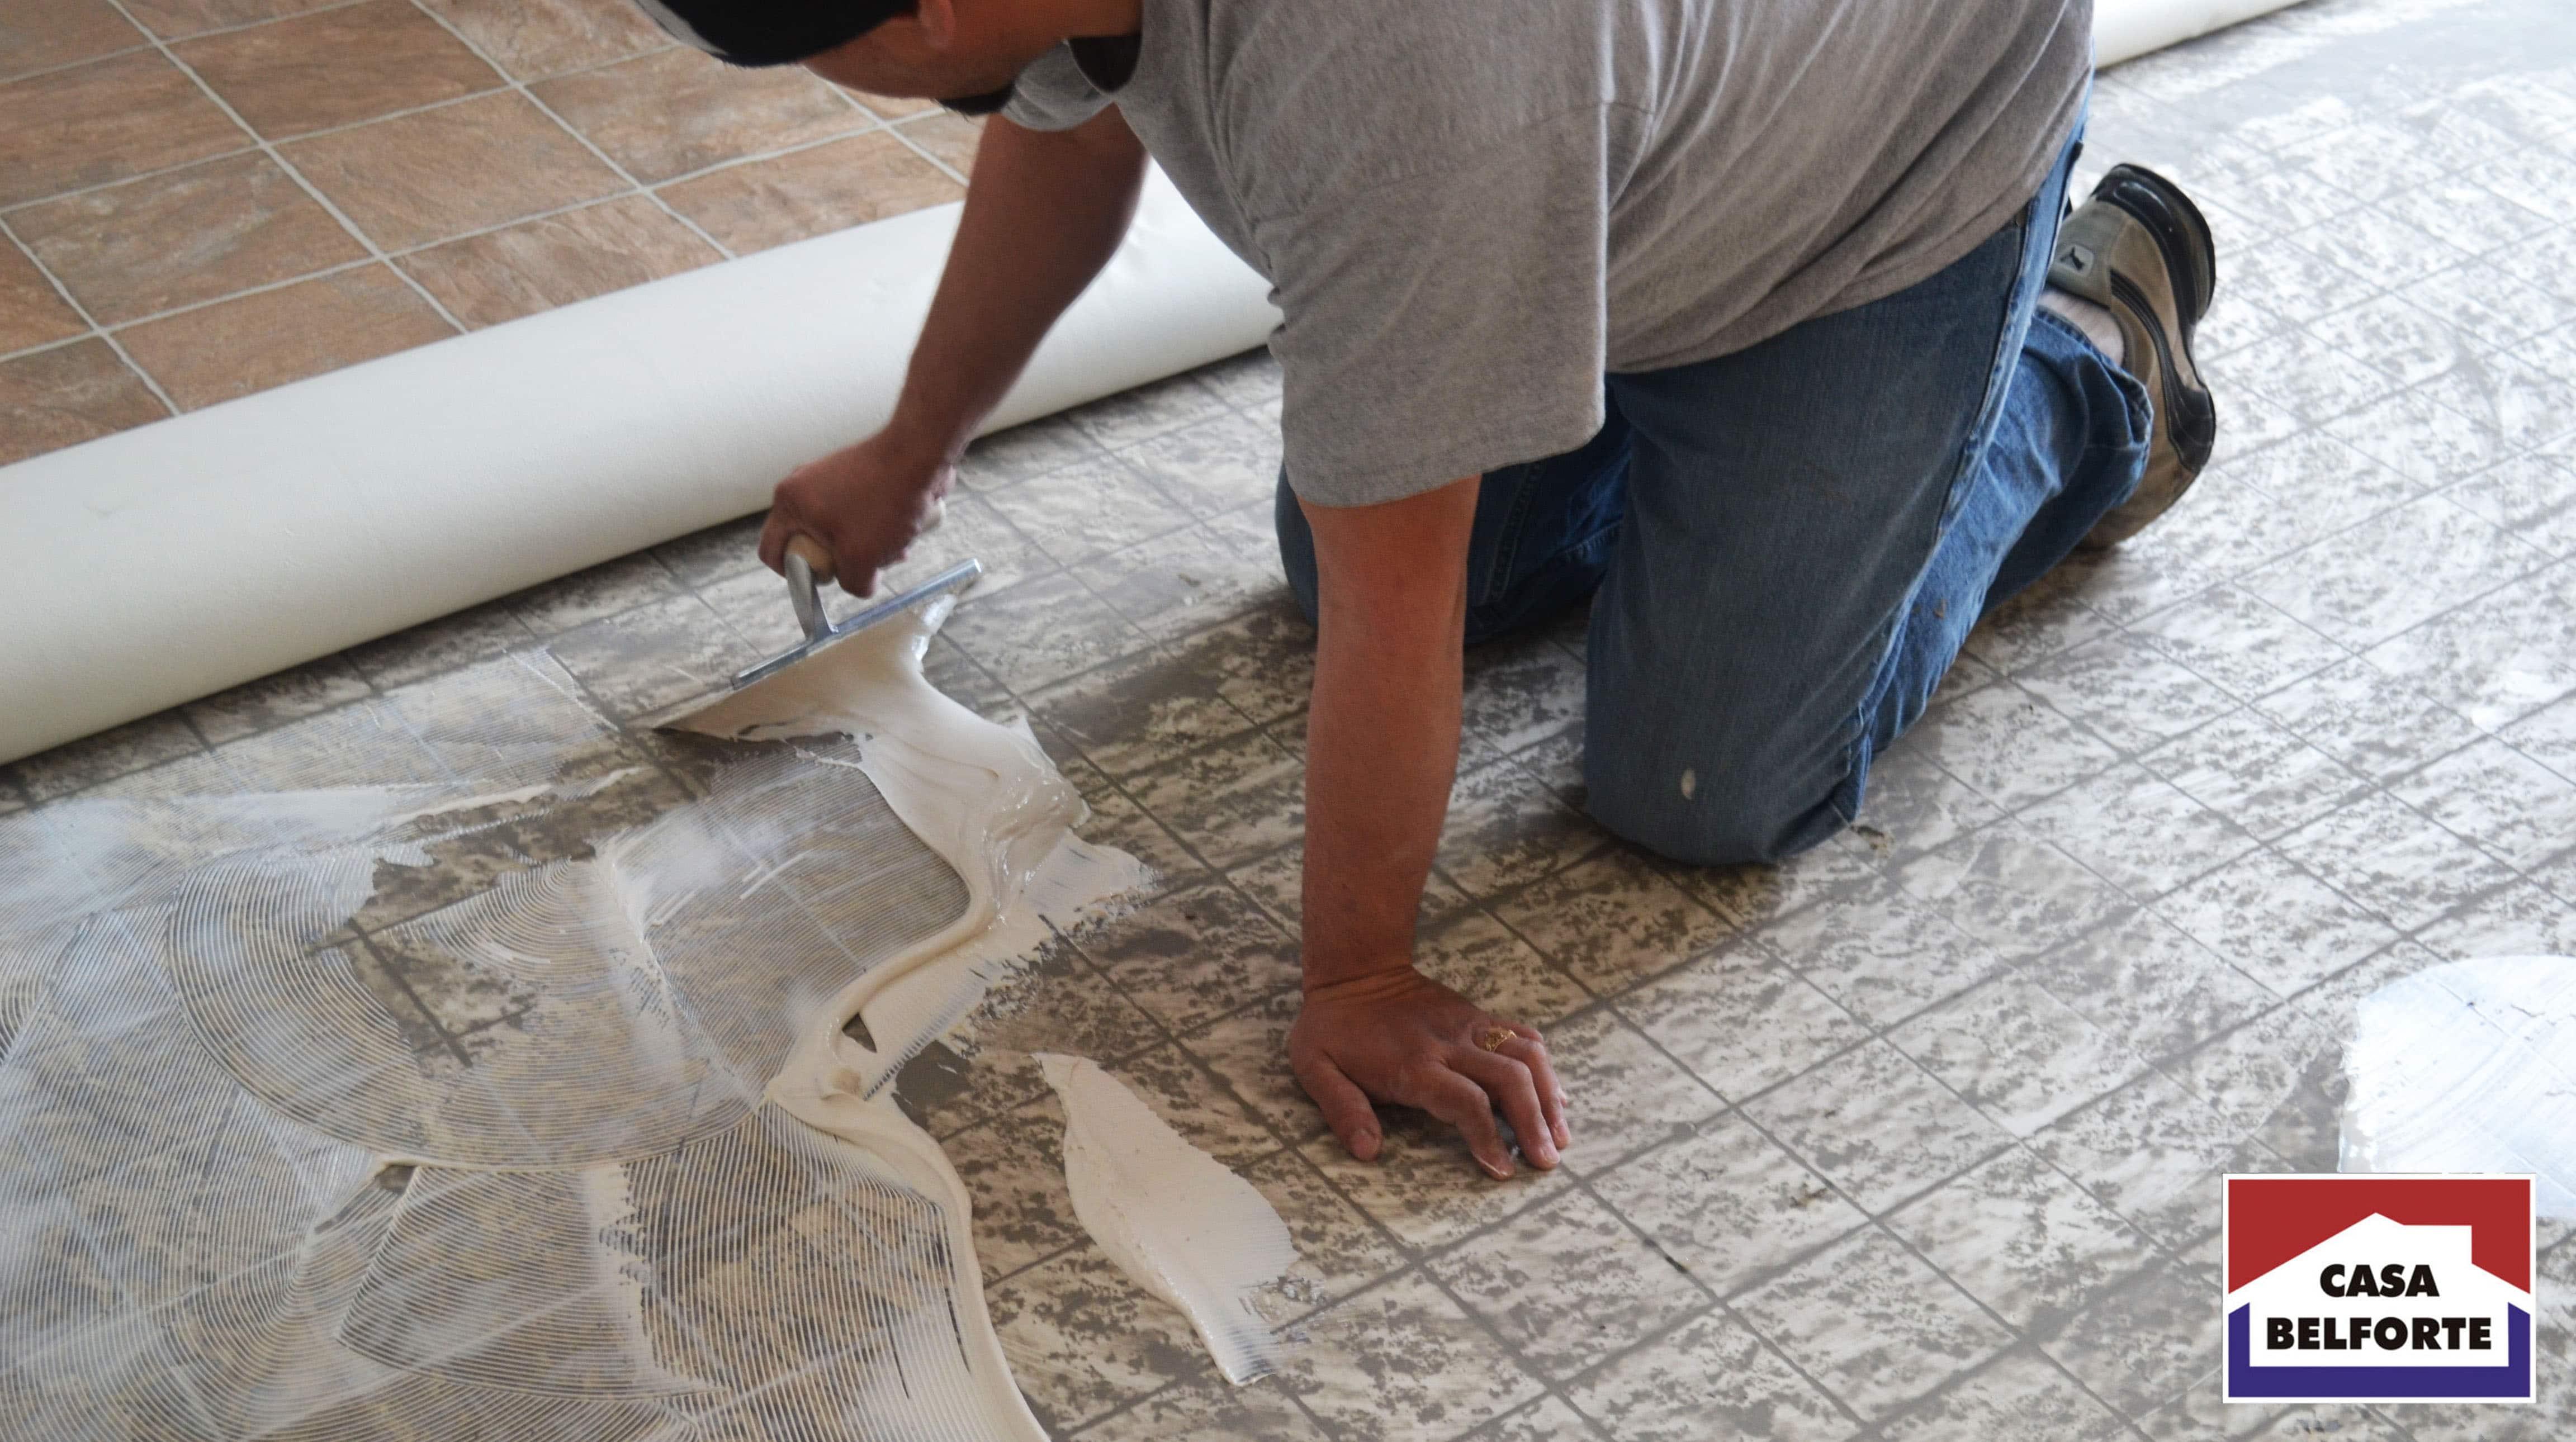 Piso vinilico en rollo venta por stock casa belforte - Adhesivo piso vinilico ...